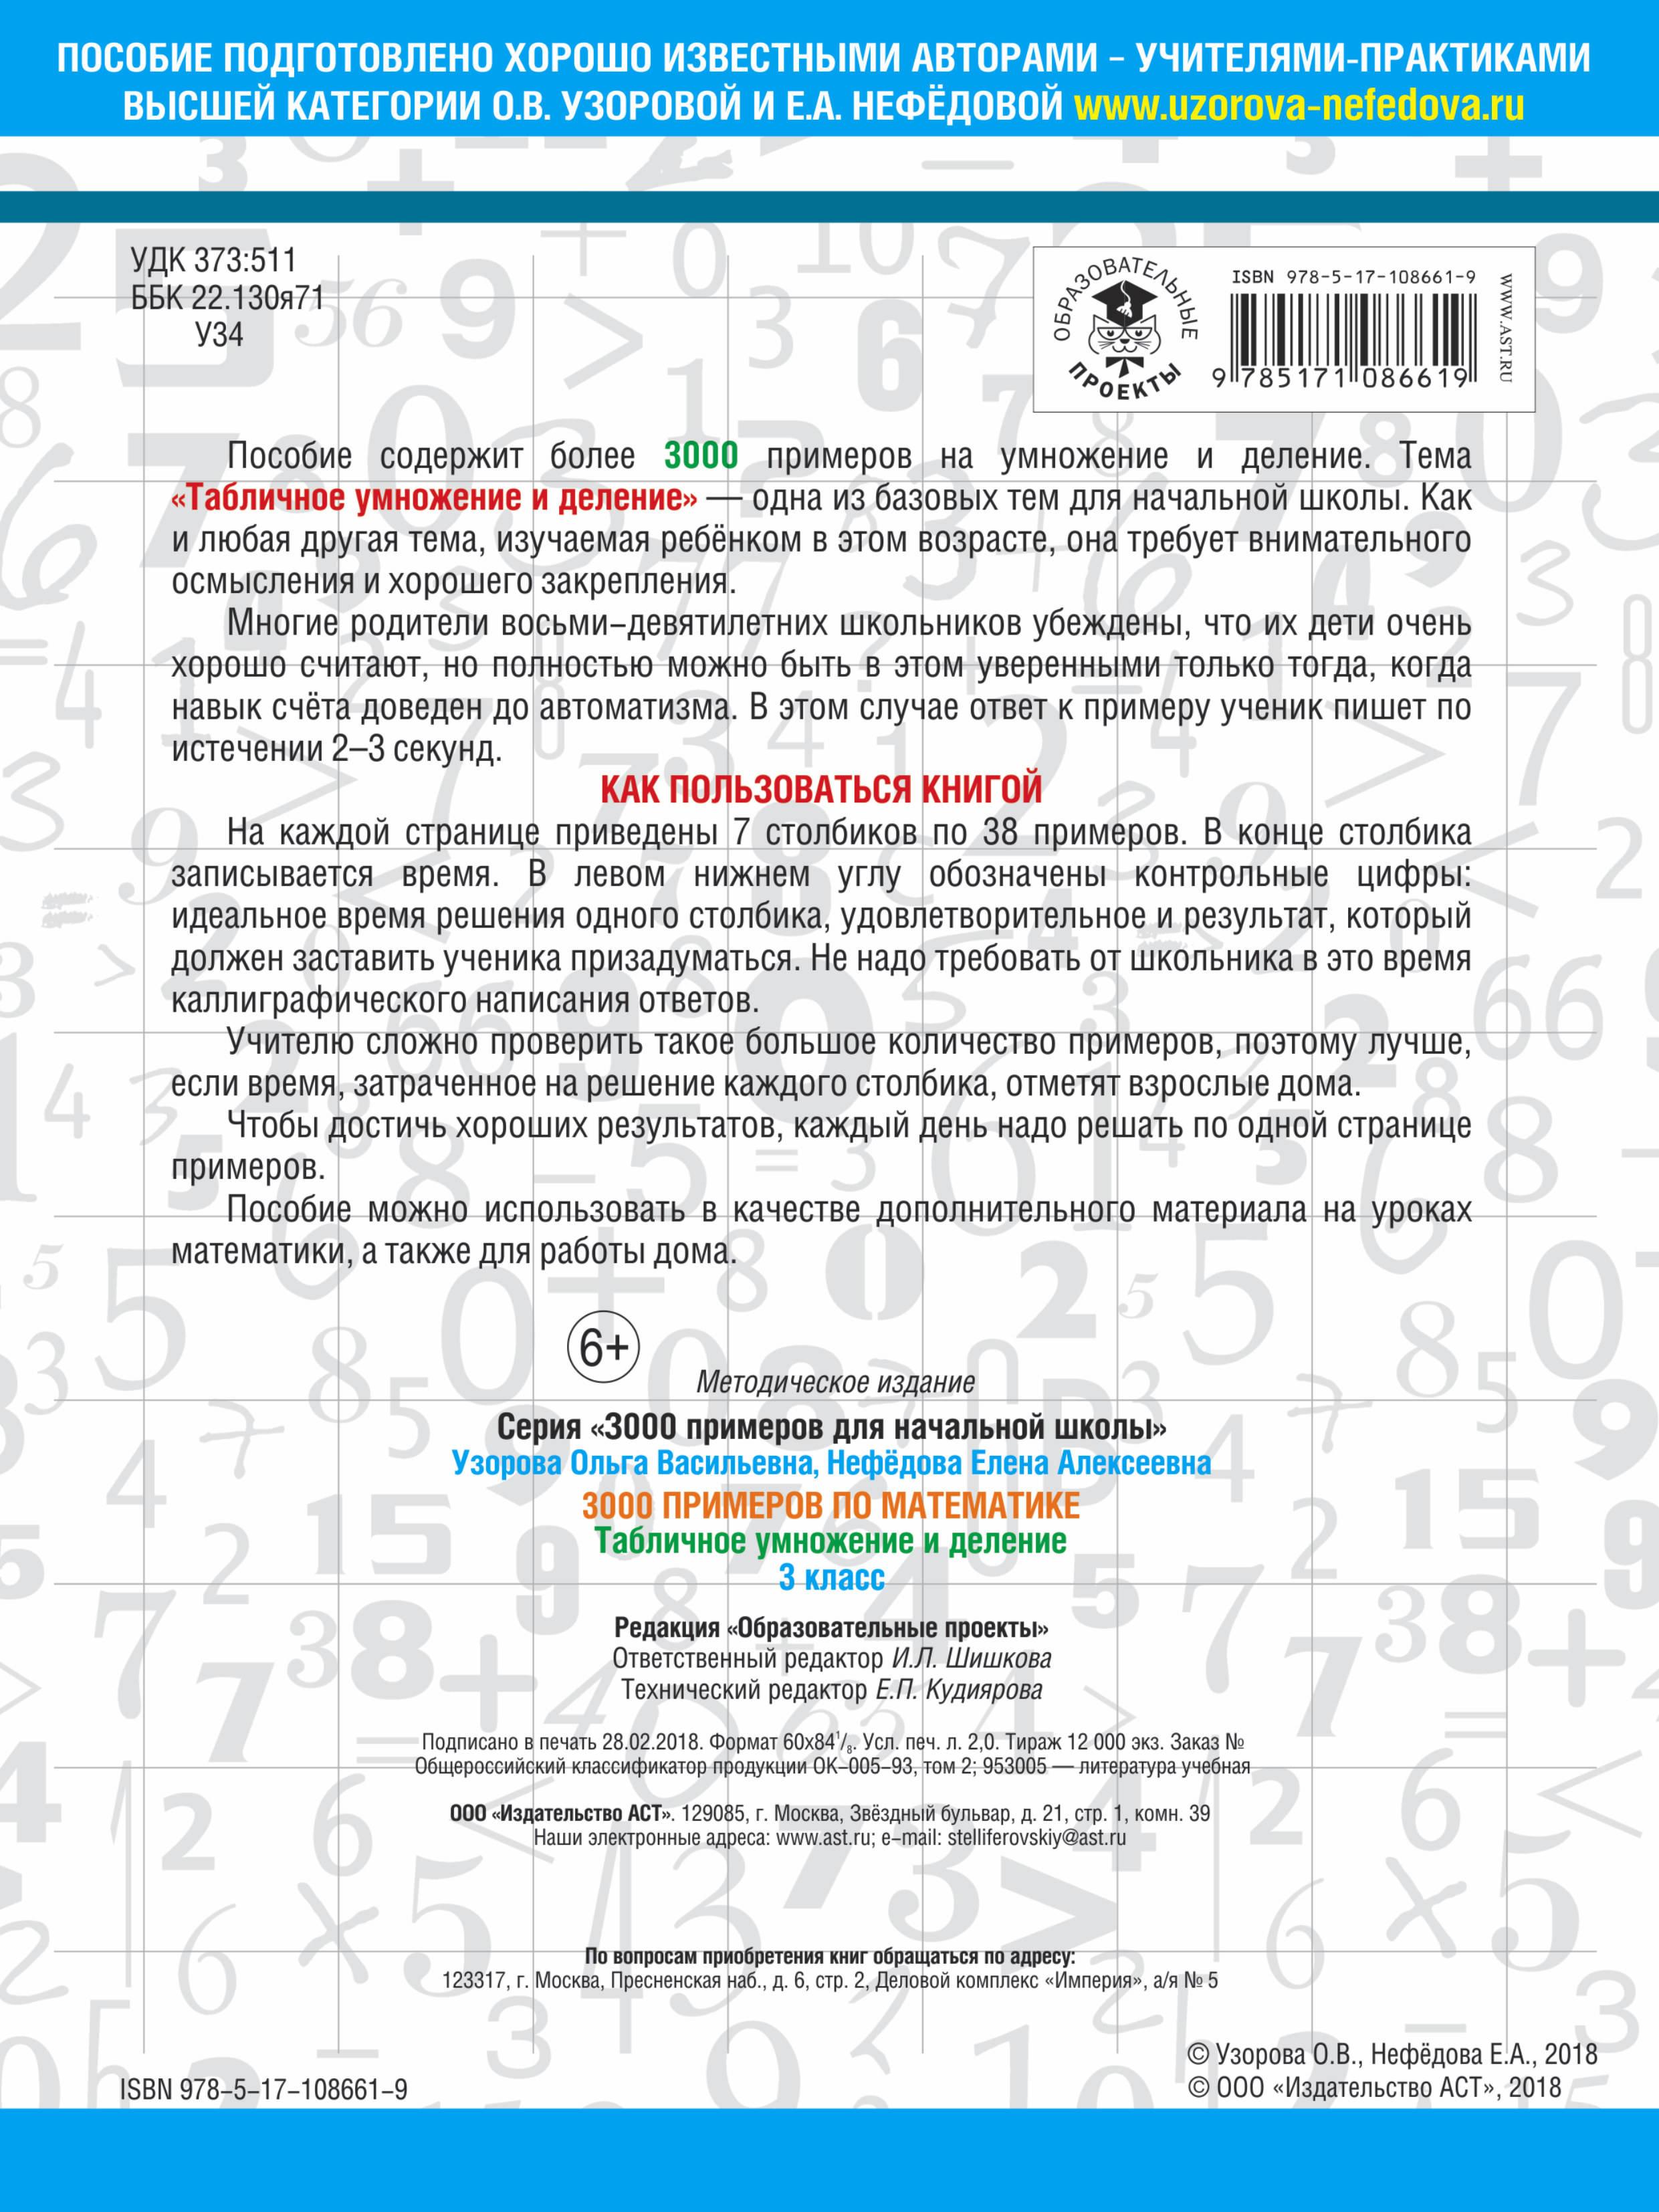 3000 примеров по математике. Табличное умножение и деление. 3 класс. О.В. Узорова, Е.А. Нефедова